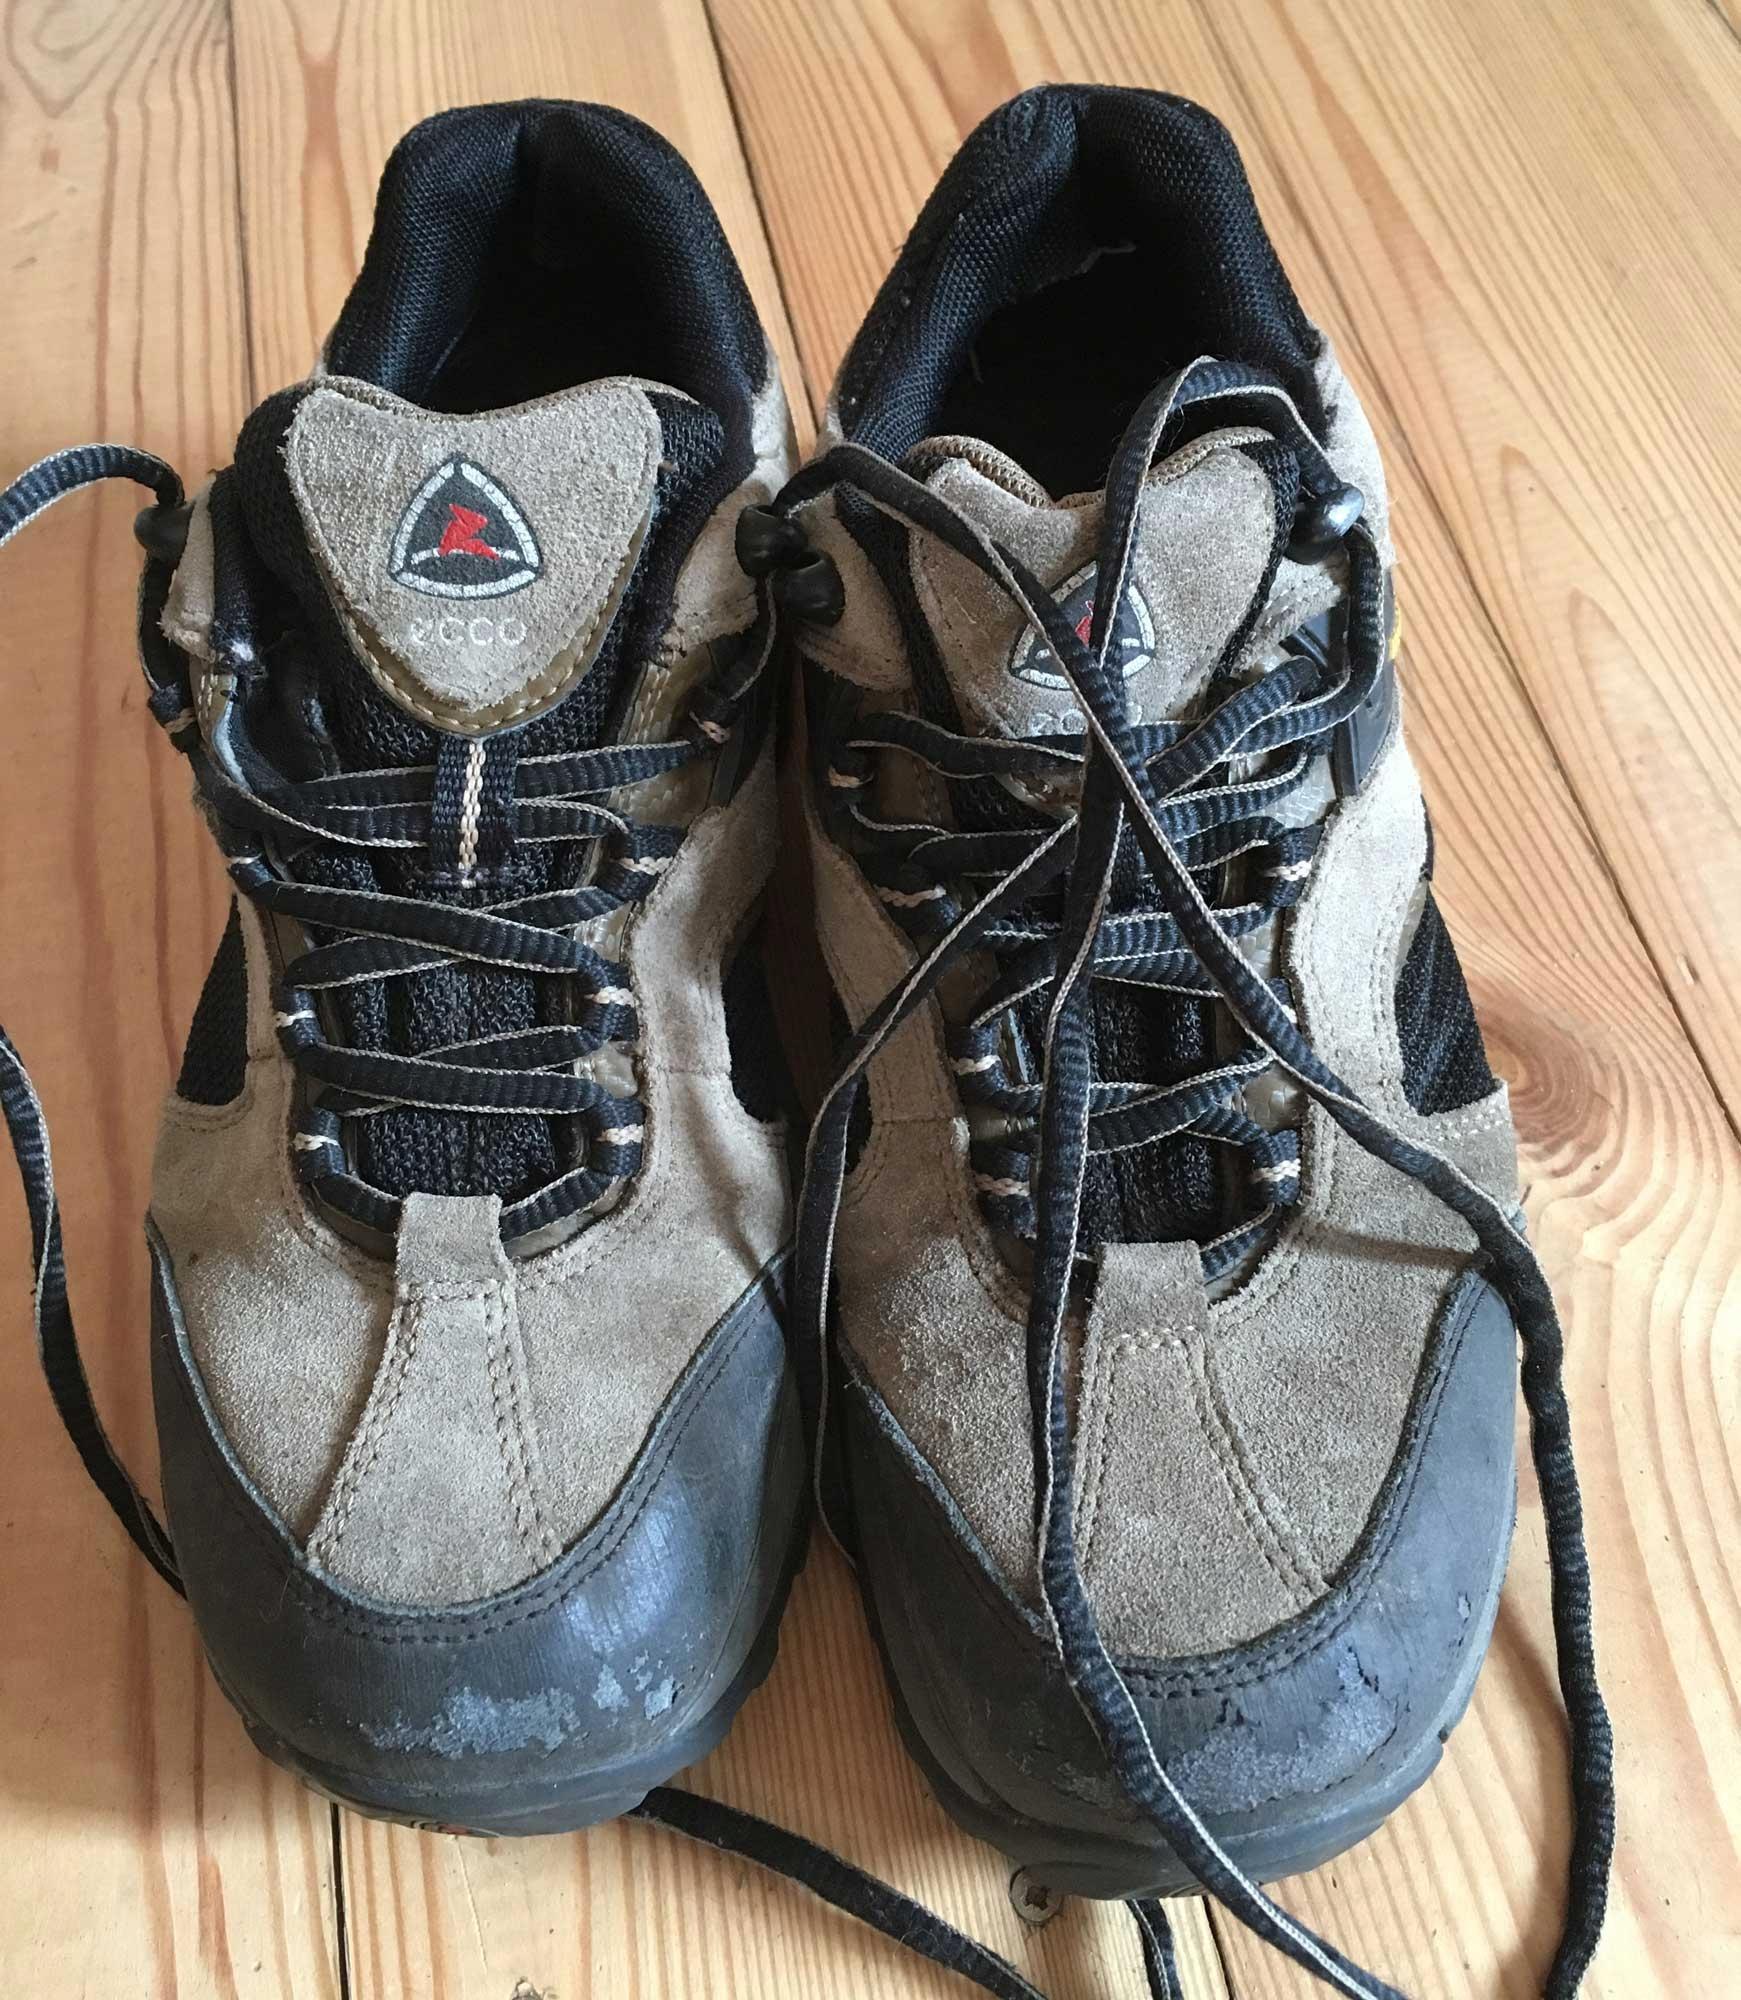 ECCO Receptor, buty trekkingowe, r. 38 - skóra